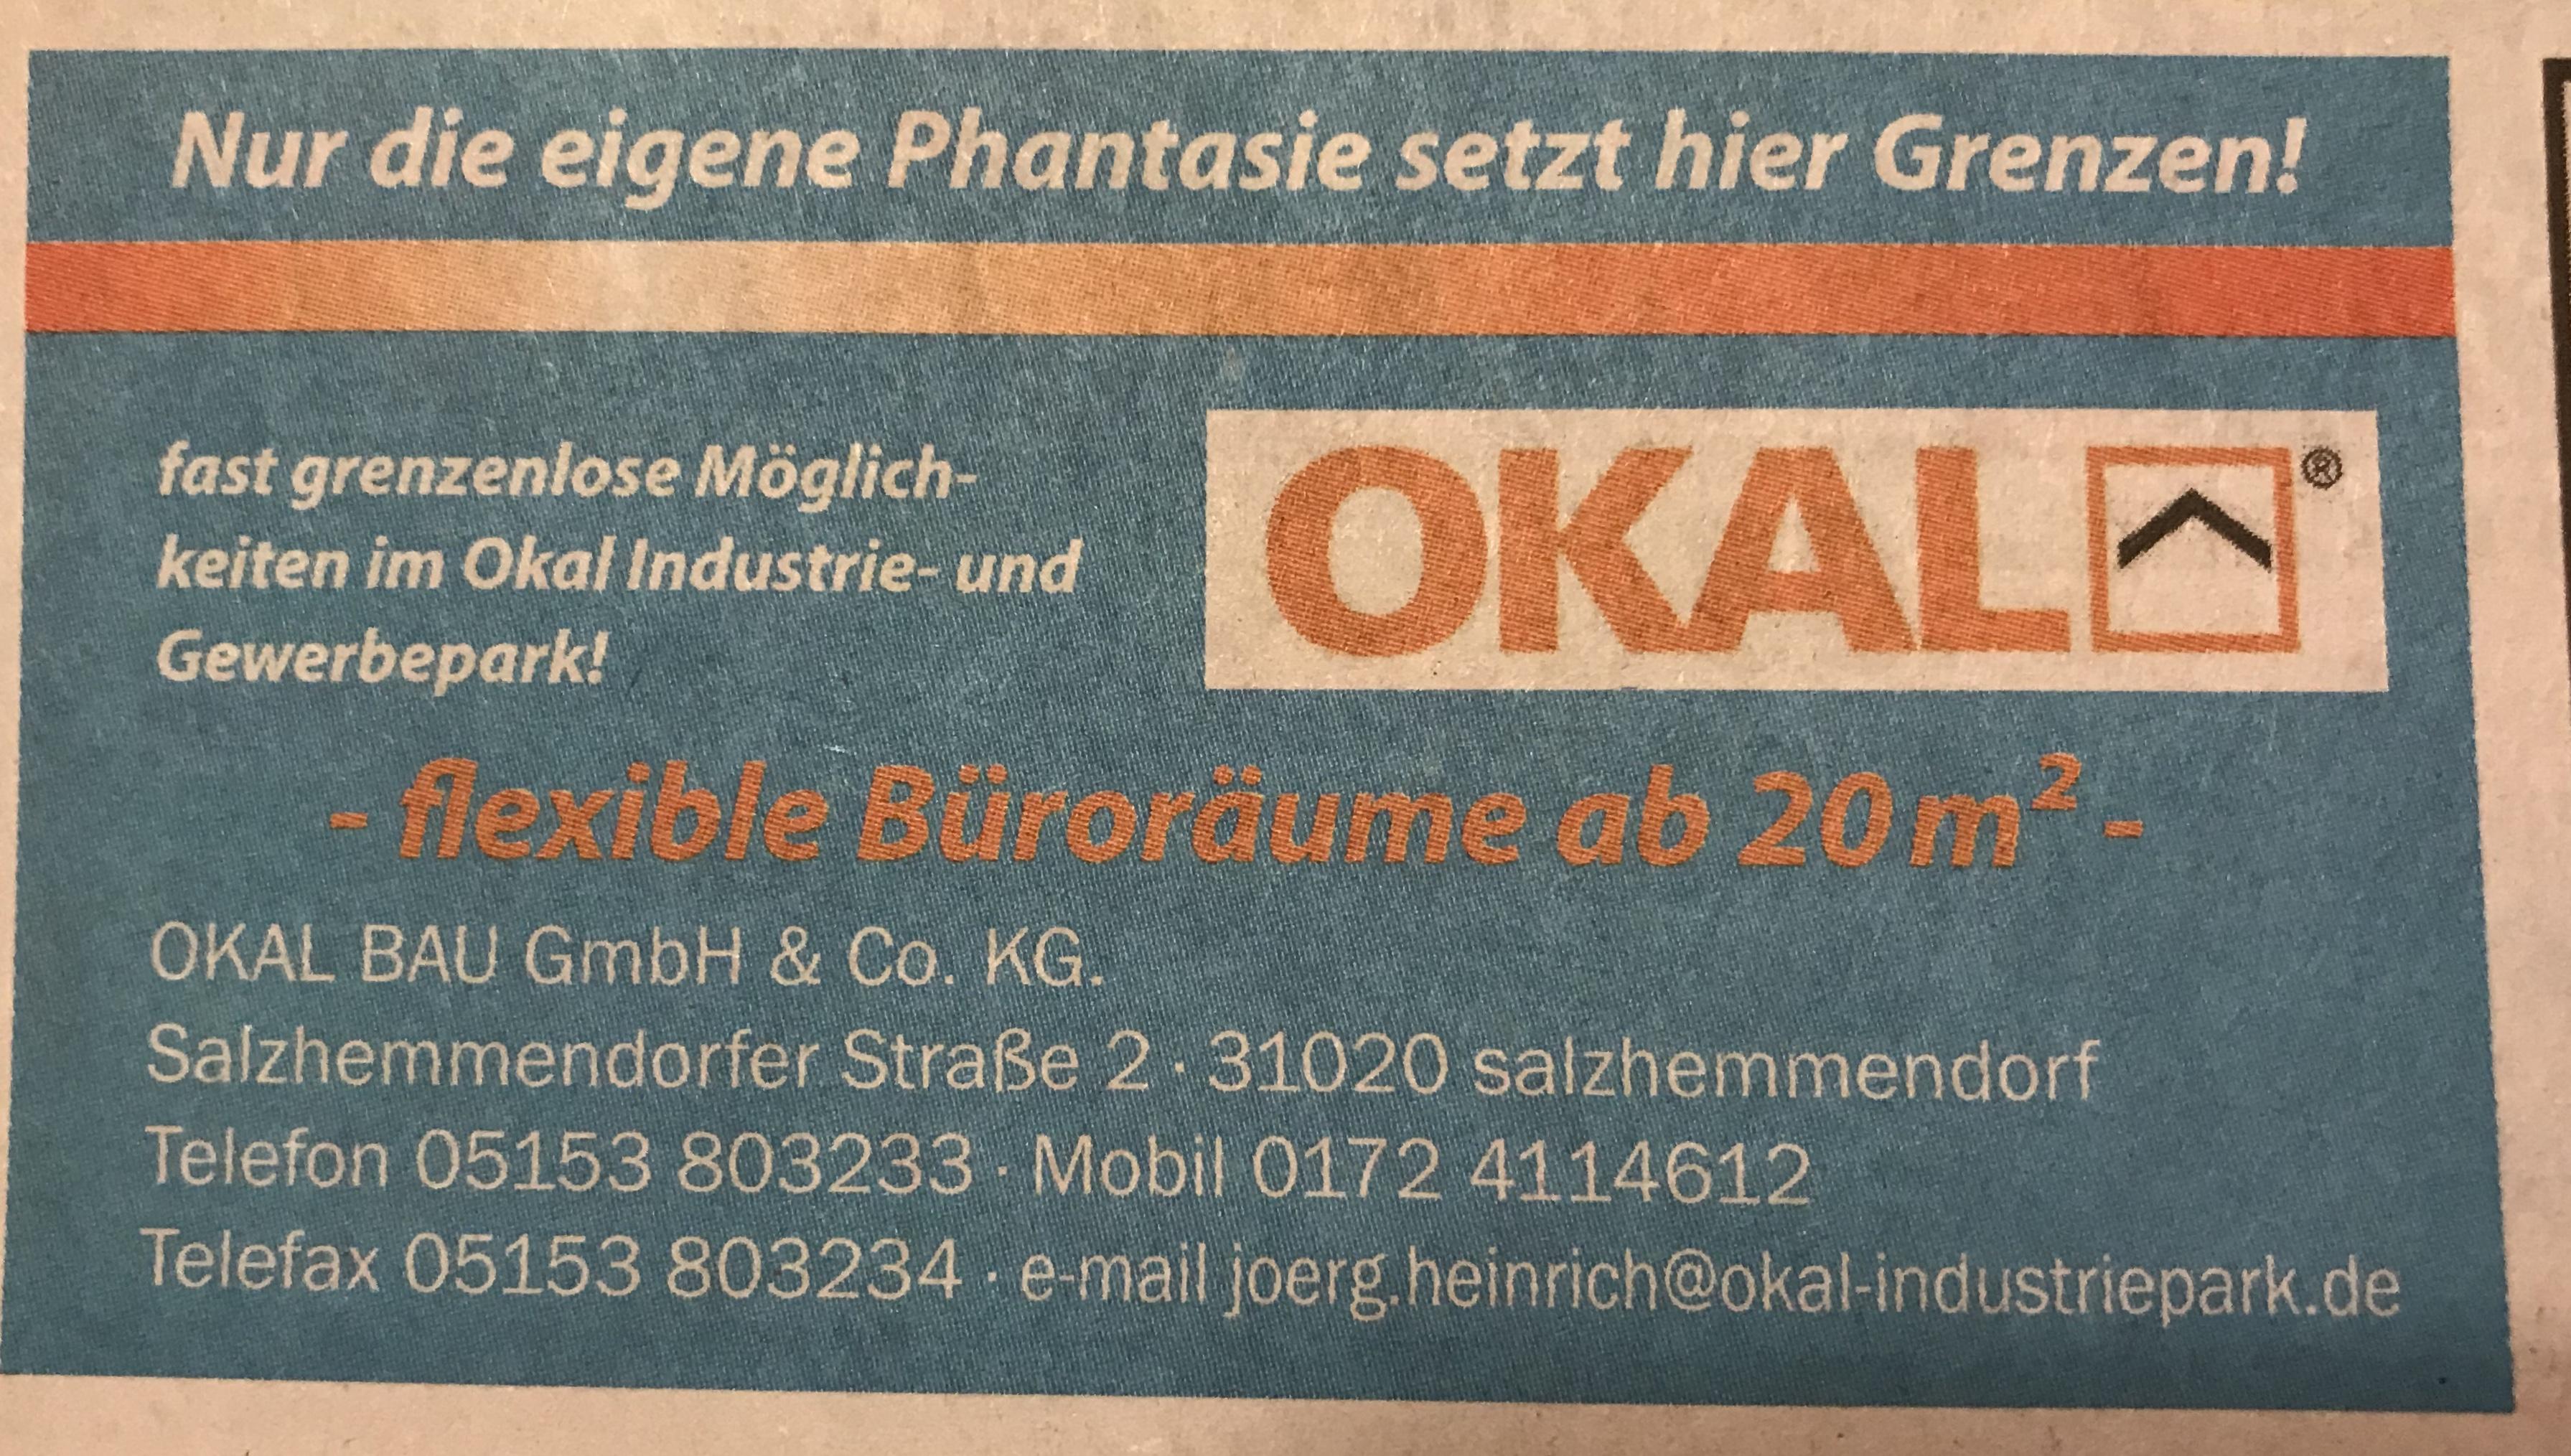 Okal Bau 31020 Salzhemmendorf Lauenstein Adresse